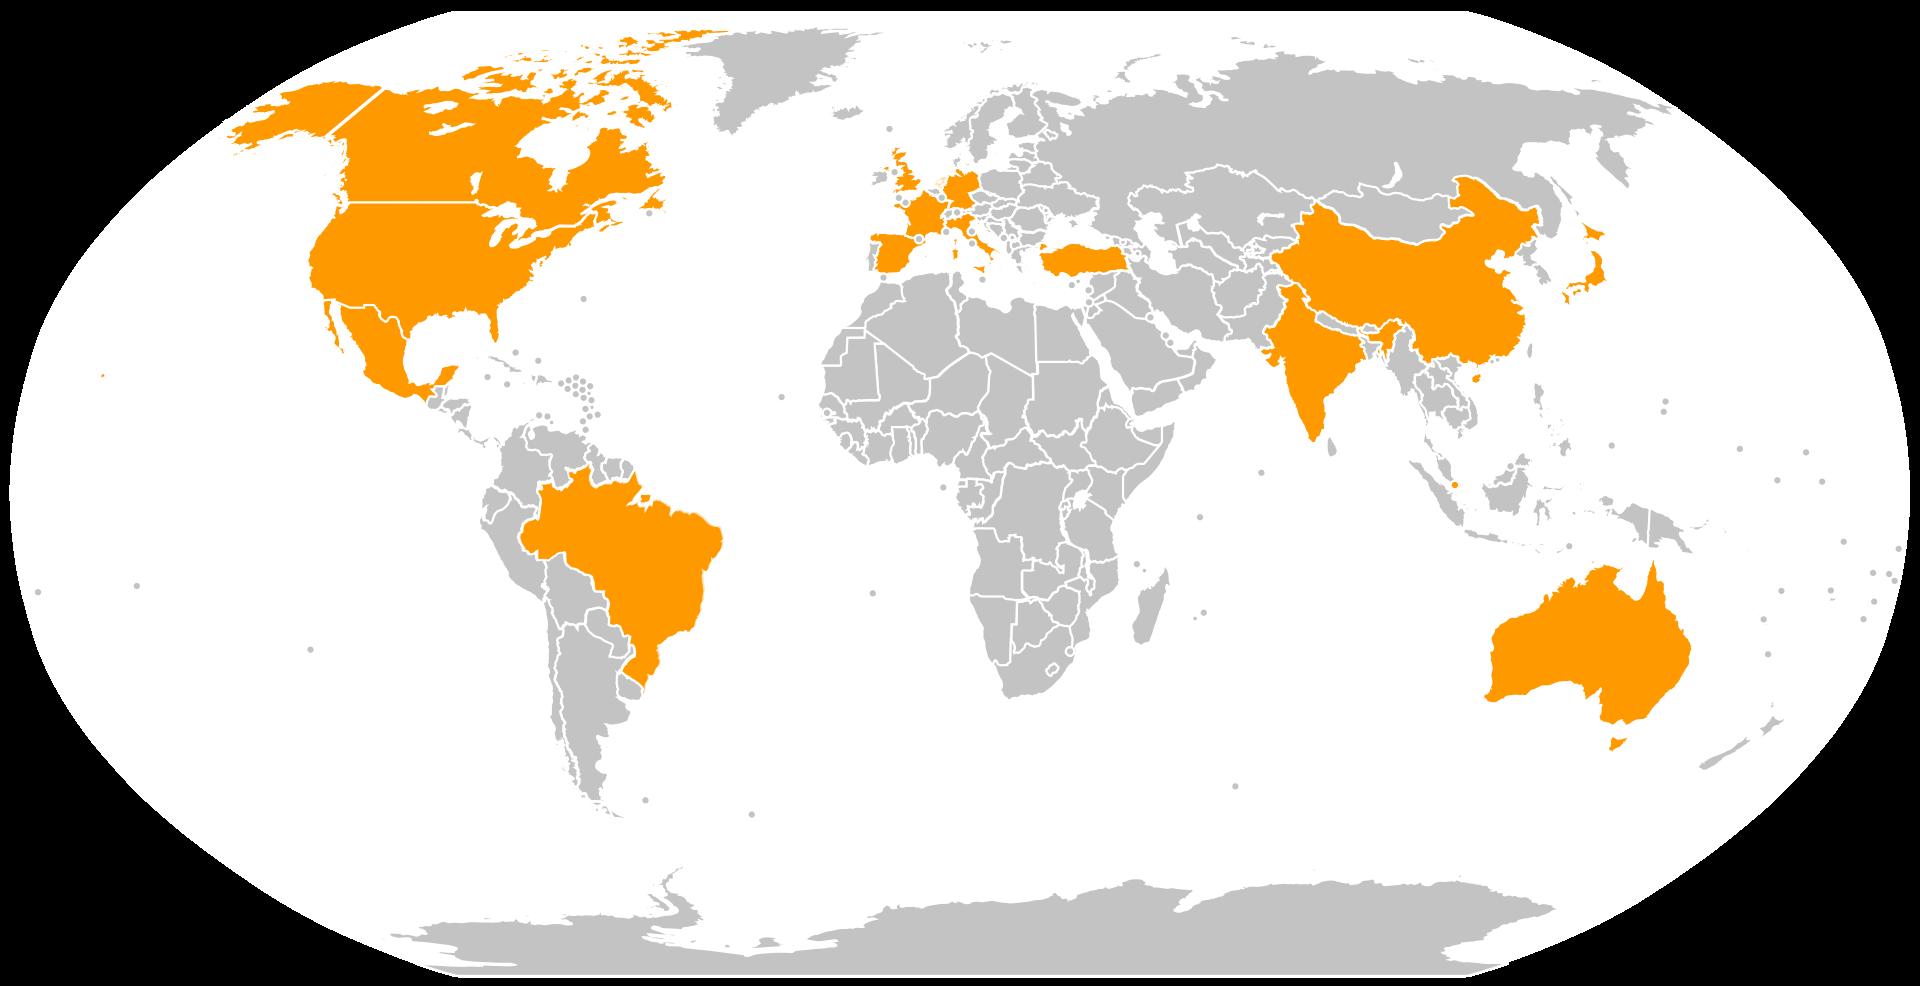 Amazon-Websites auf der ganzen Welt